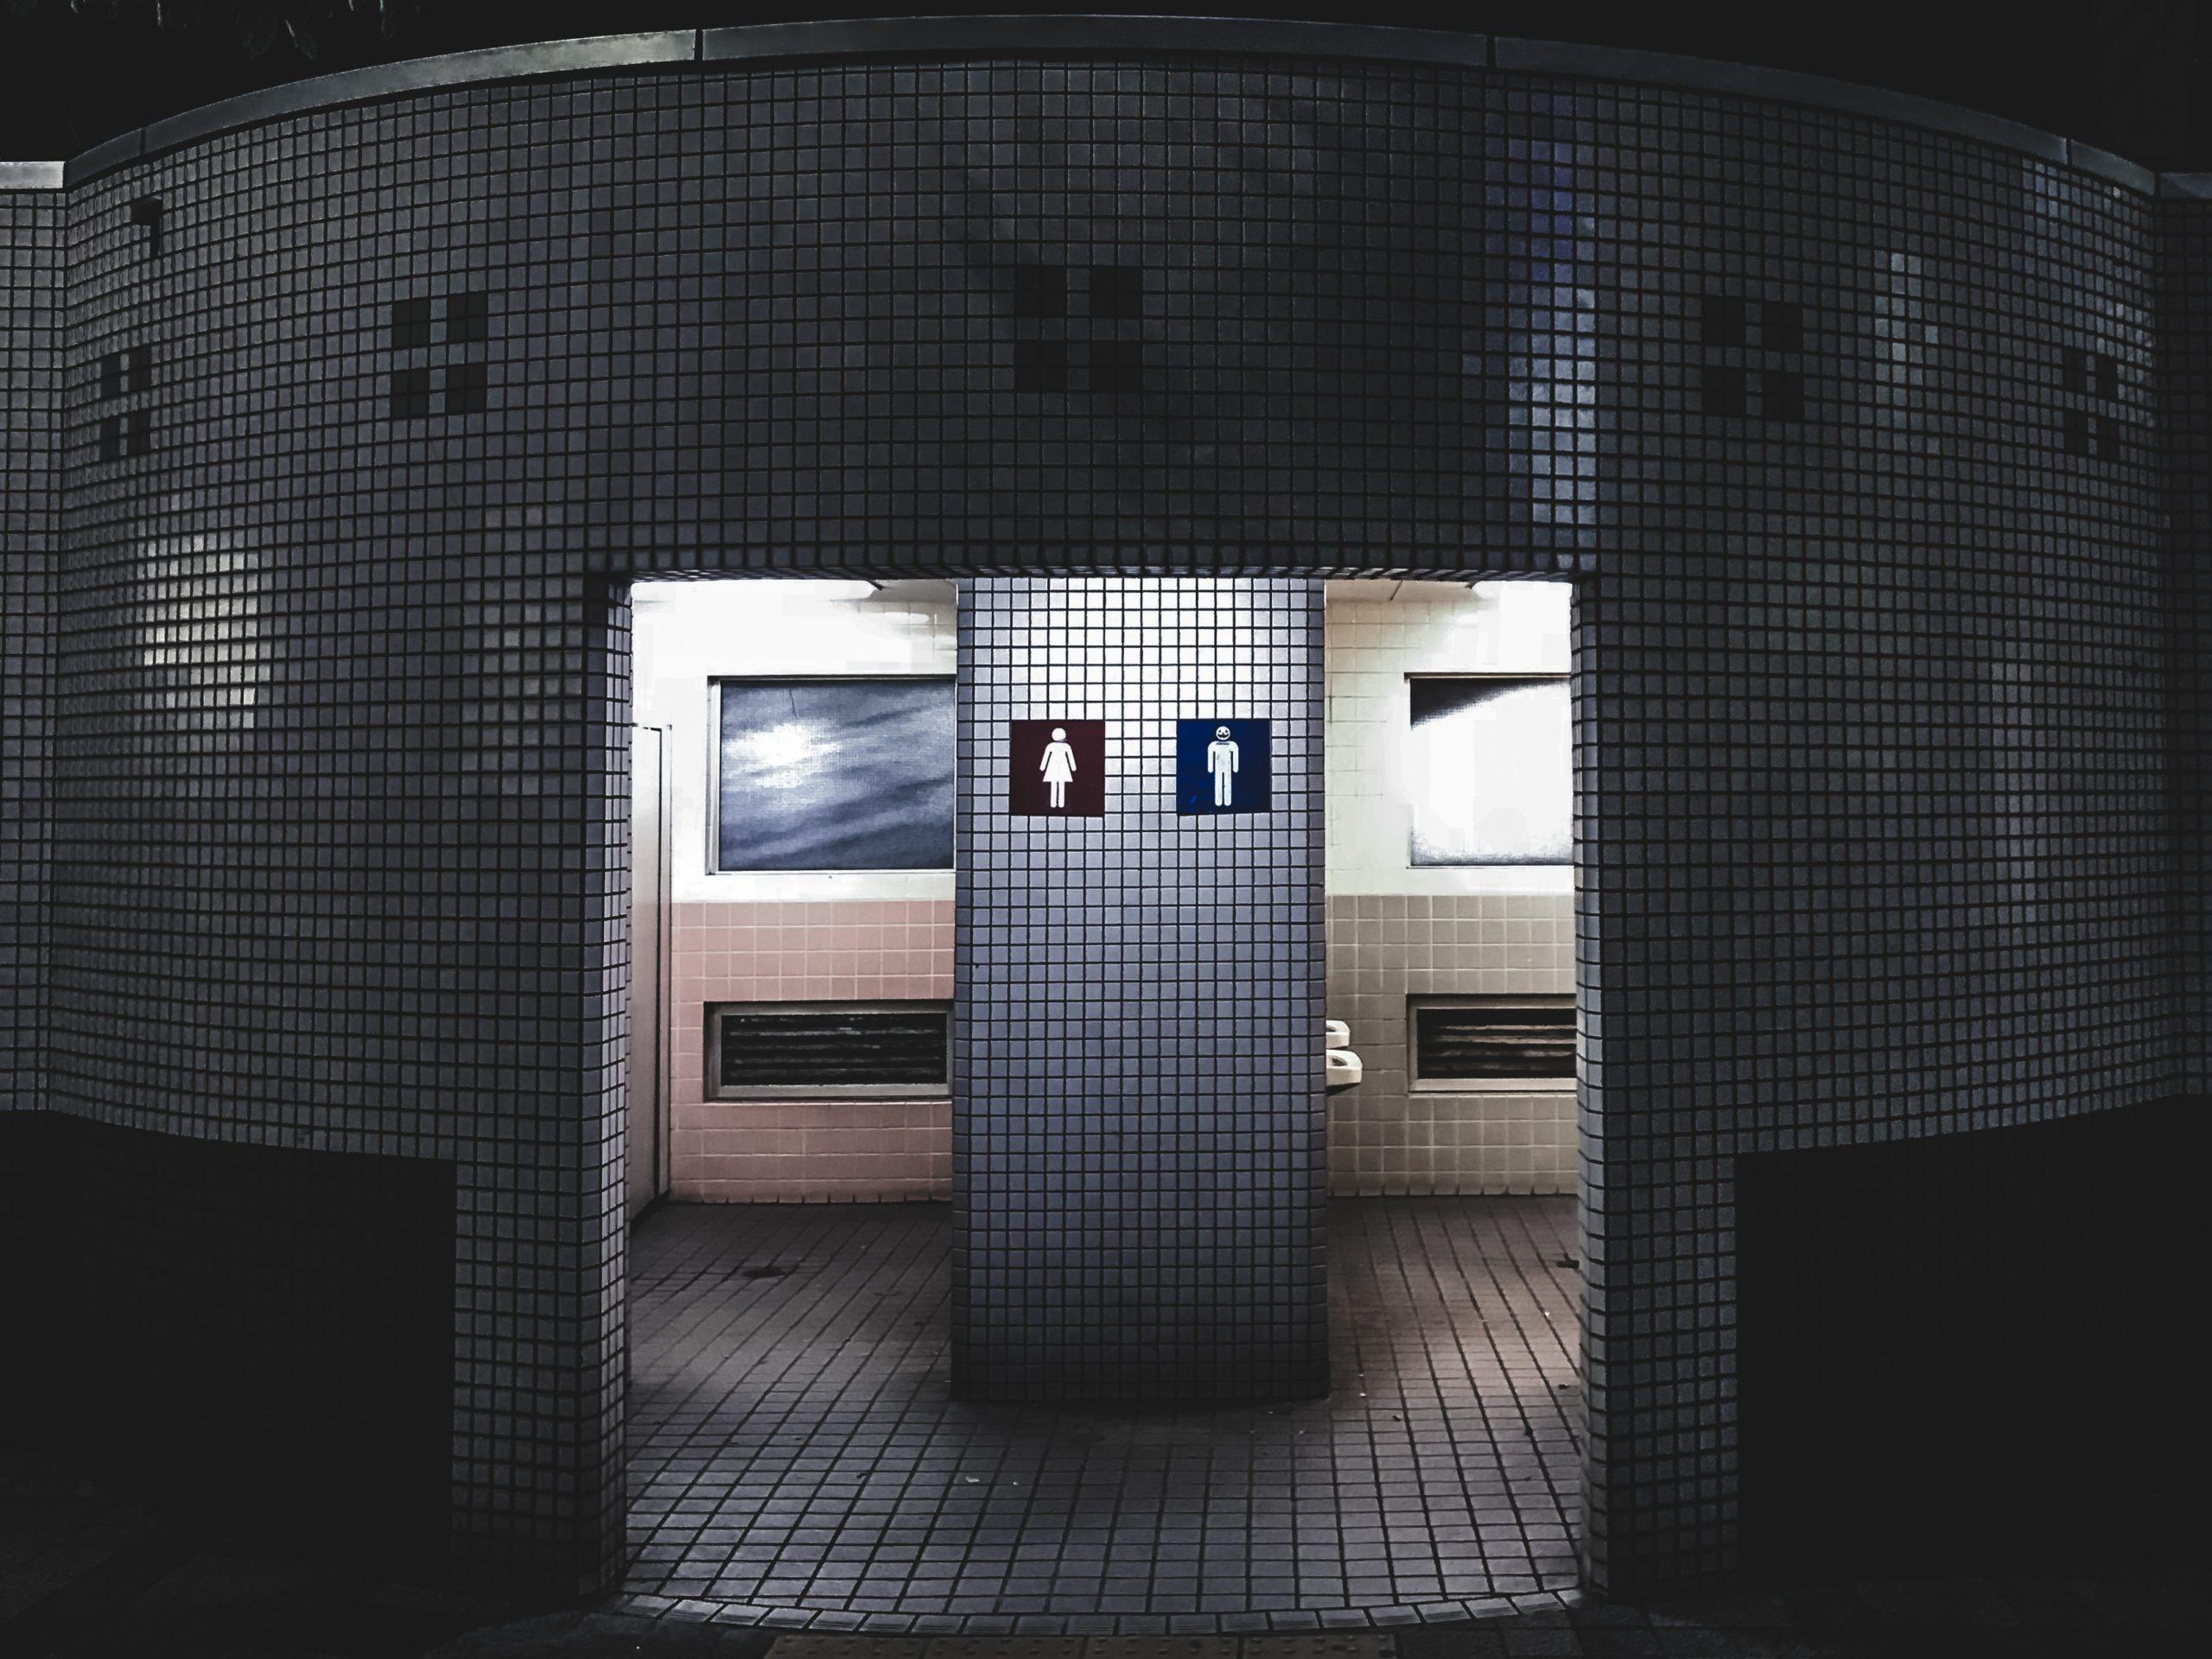 public restrooms